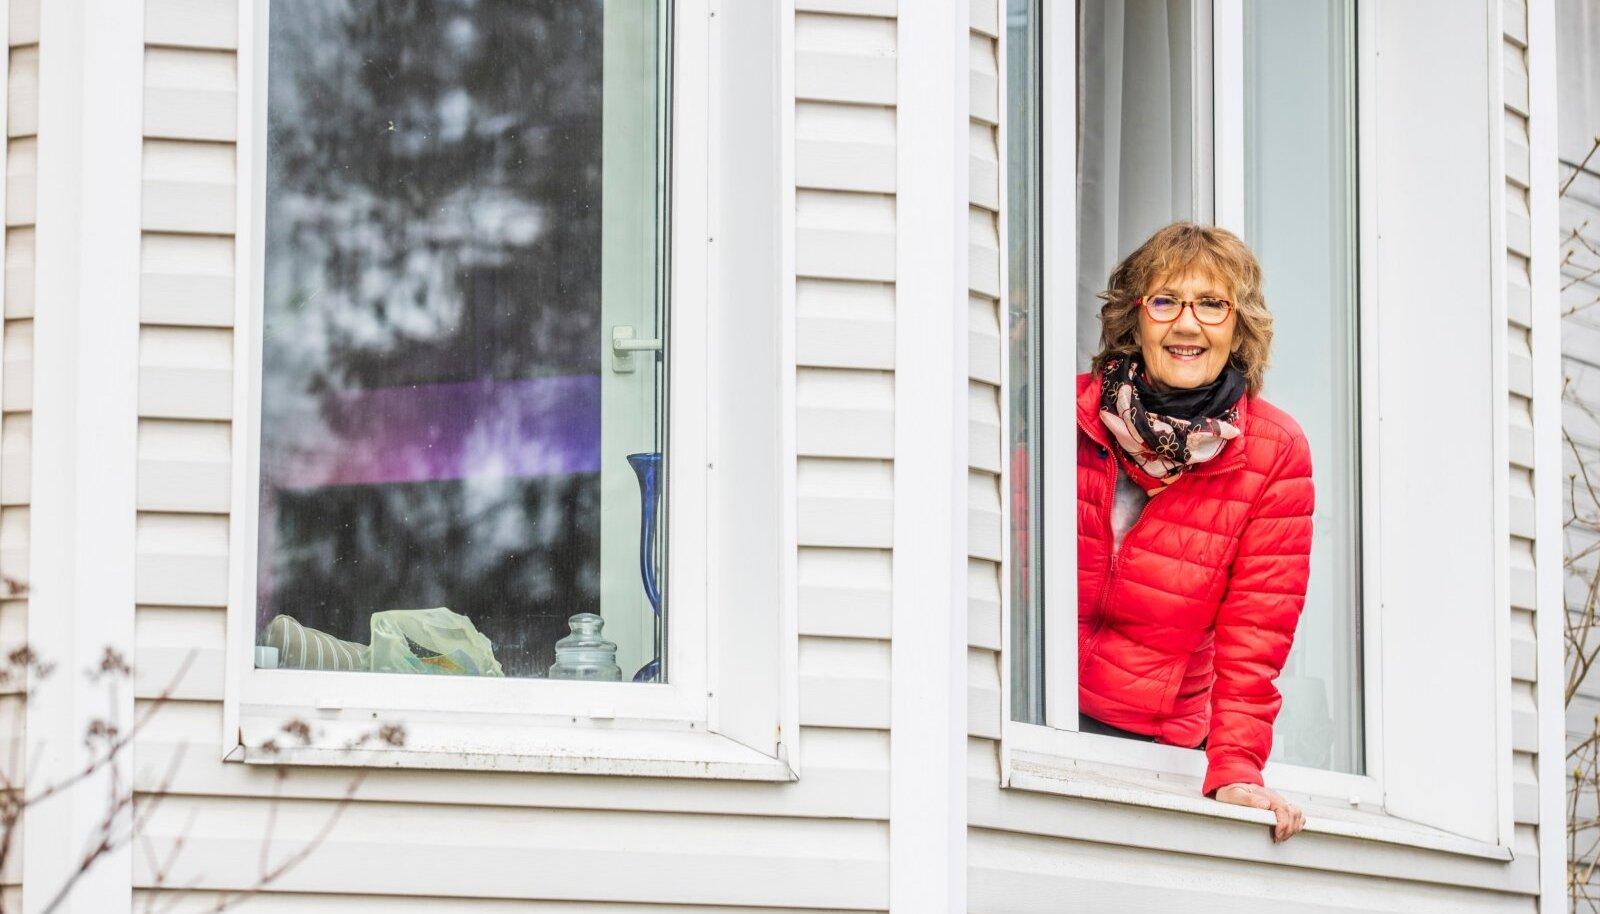 """ISOLATSIOONIS Reet Linna viimaste """"Prillitoosi"""" saadete vahelõigud on sündinud nii, et operaator seab kaamera üles ohutusse kaugusesse tema koduaeda Meriväljal ning Reet juhatab juba enne pandeemiat salvestatud saatelõigud sisse ja välja elutoa aknalt. Nii sündis ka Kroonika intervjuu ava- ja kaanefoto."""